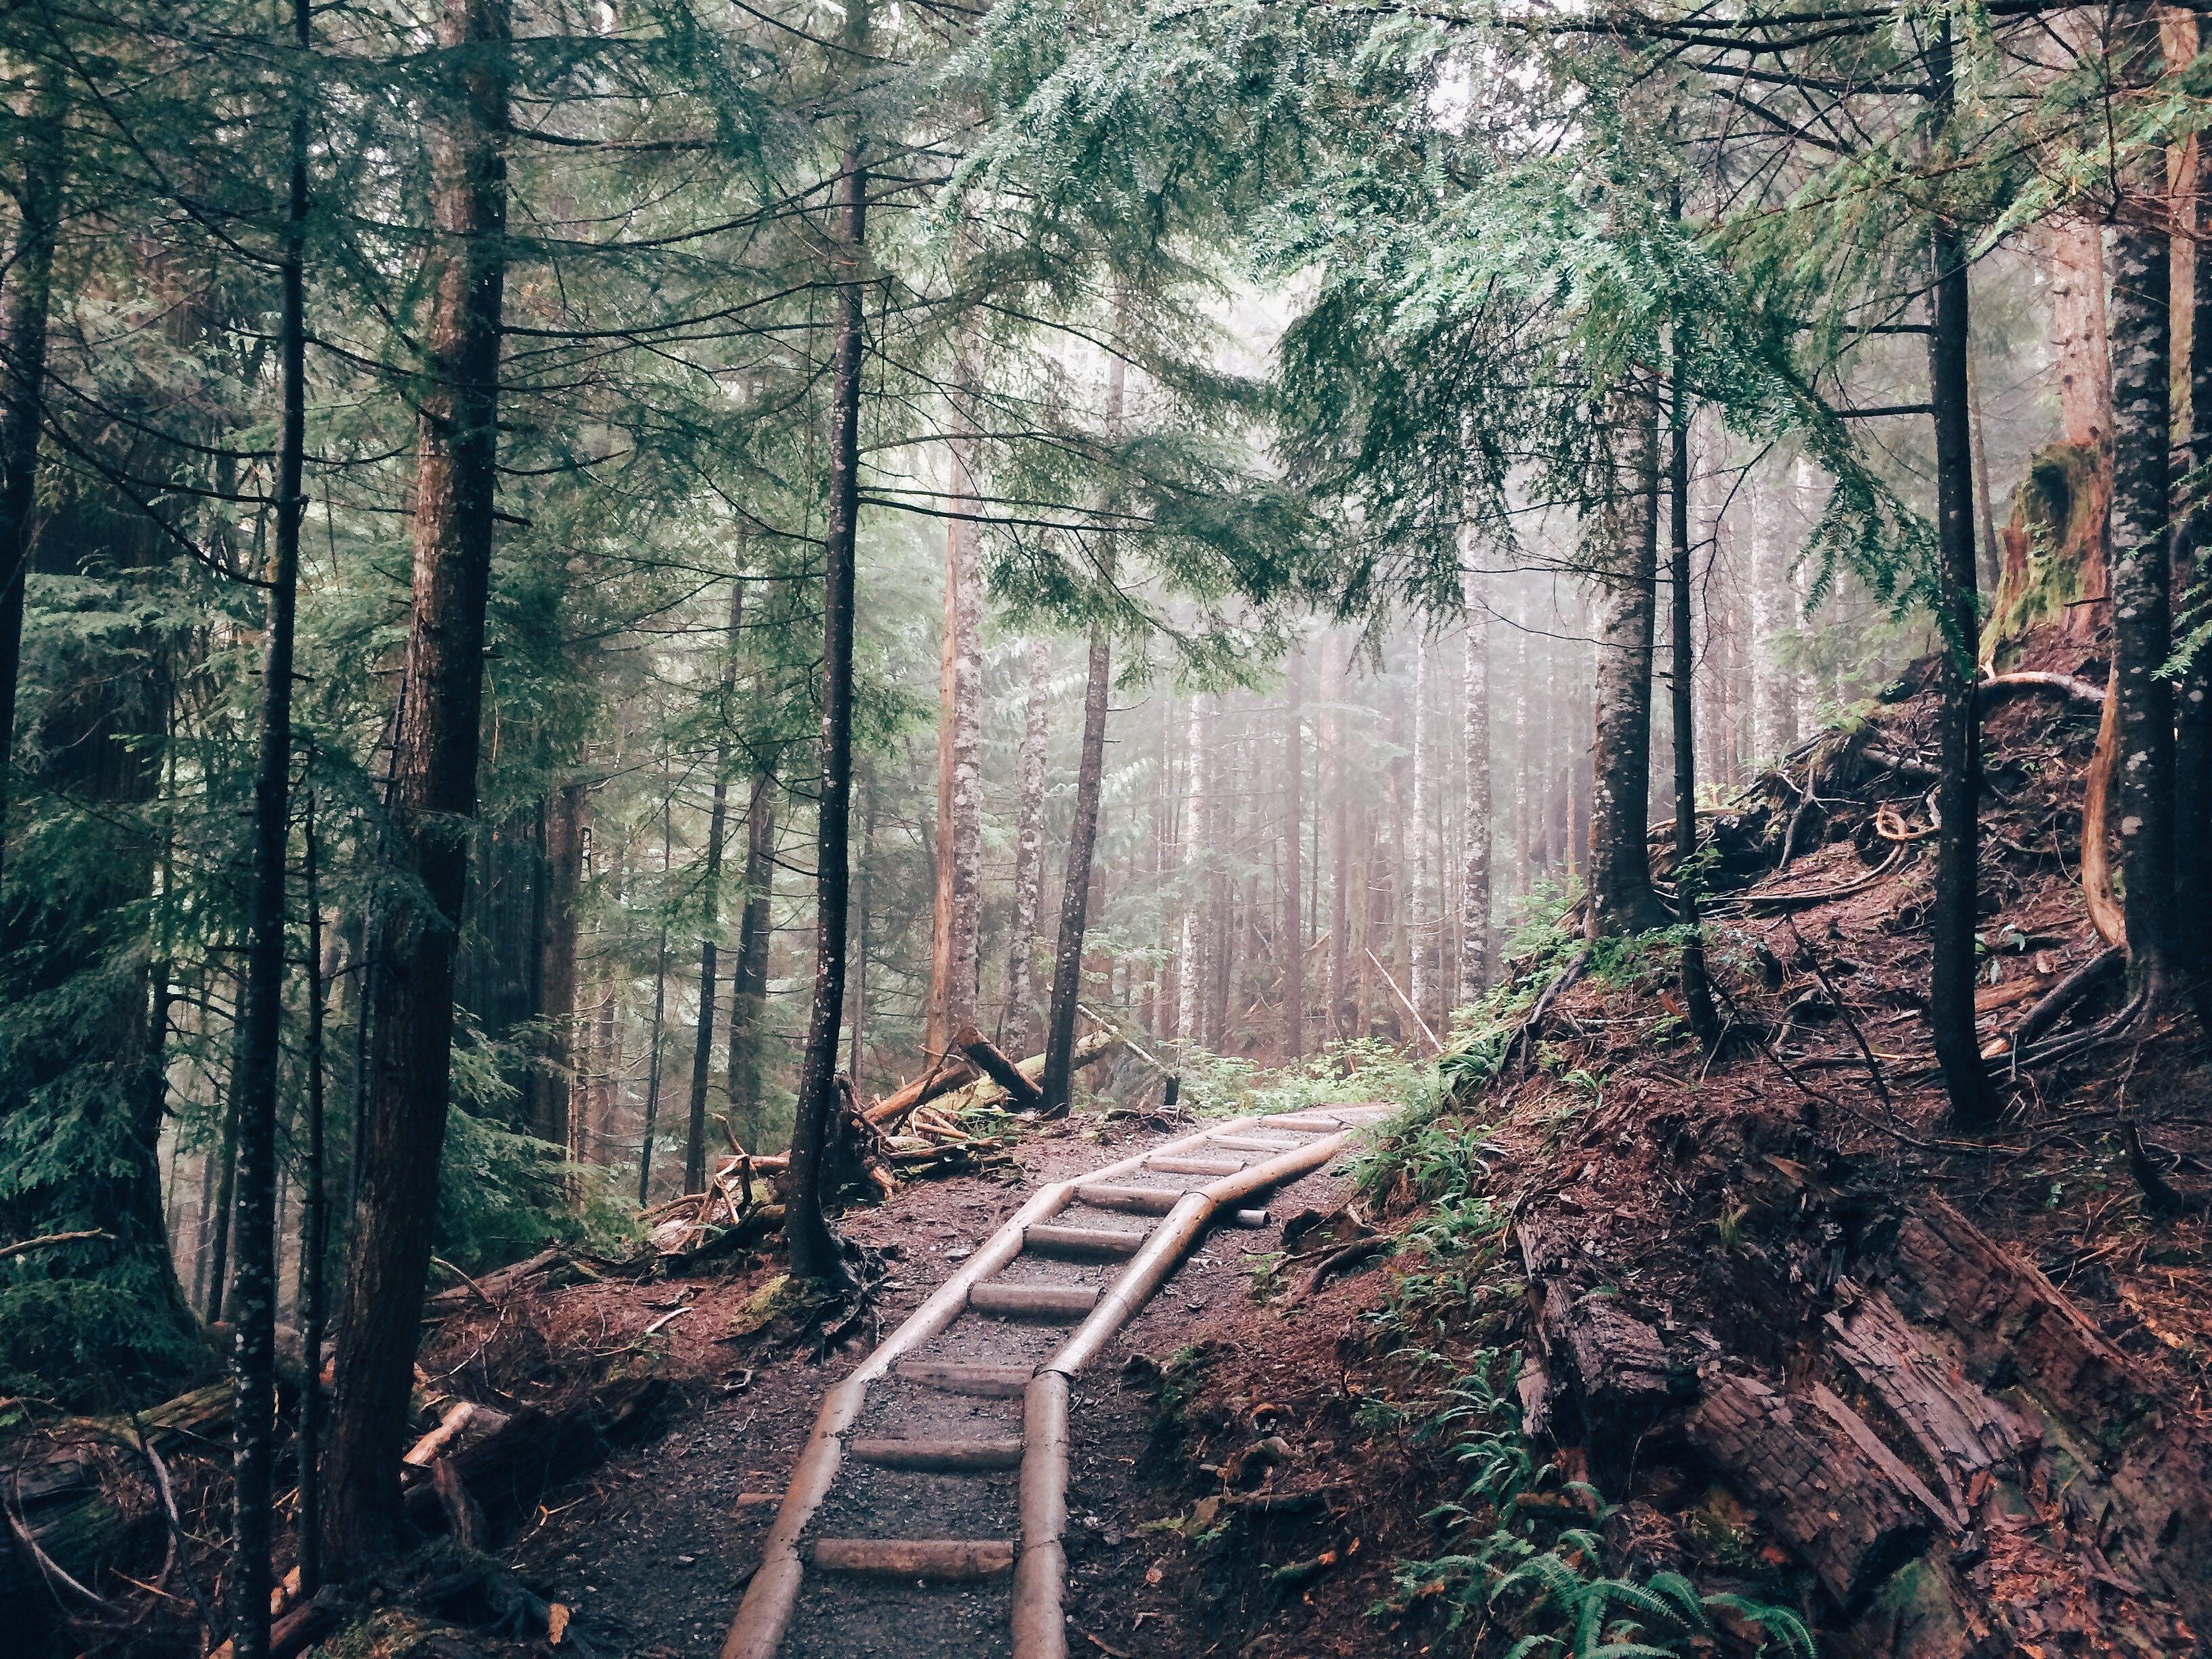 Fotos de stock gratuitas de arboles, bosque, camino, madera